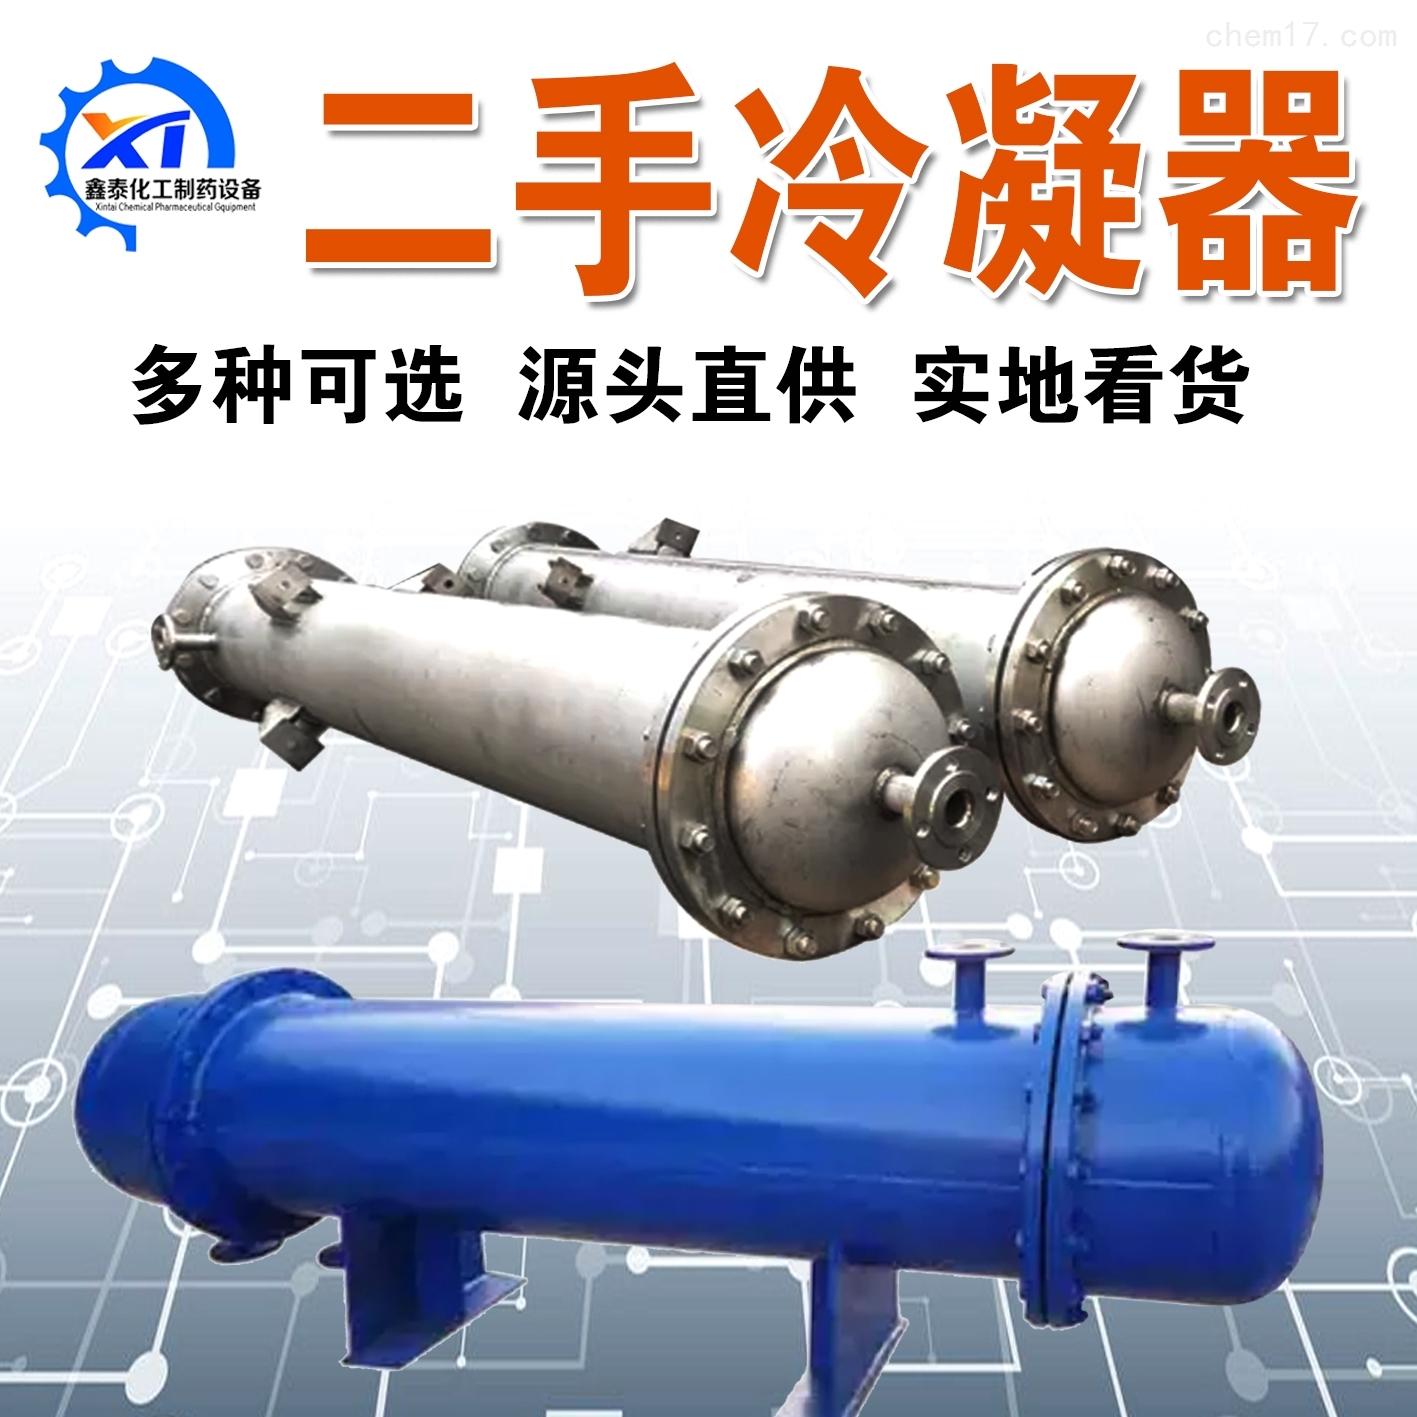 出售二手不锈钢冷凝器 换热器